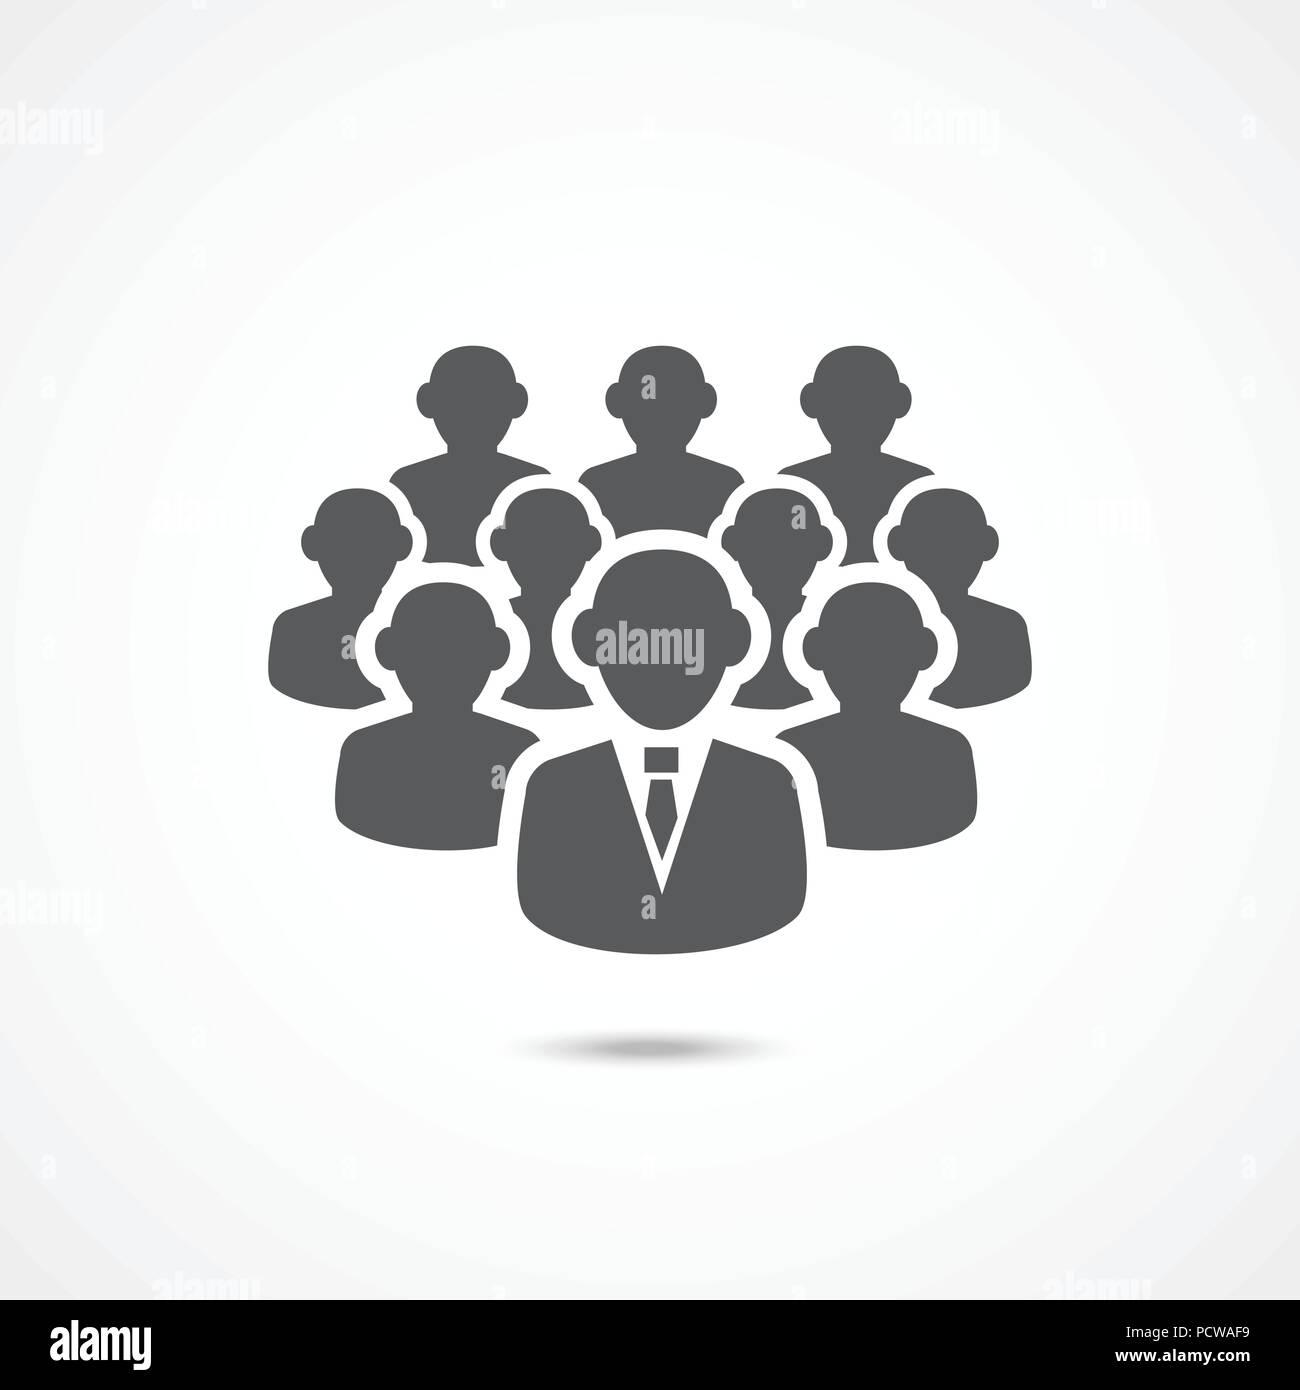 Seguidores icono en blanco Imagen De Stock